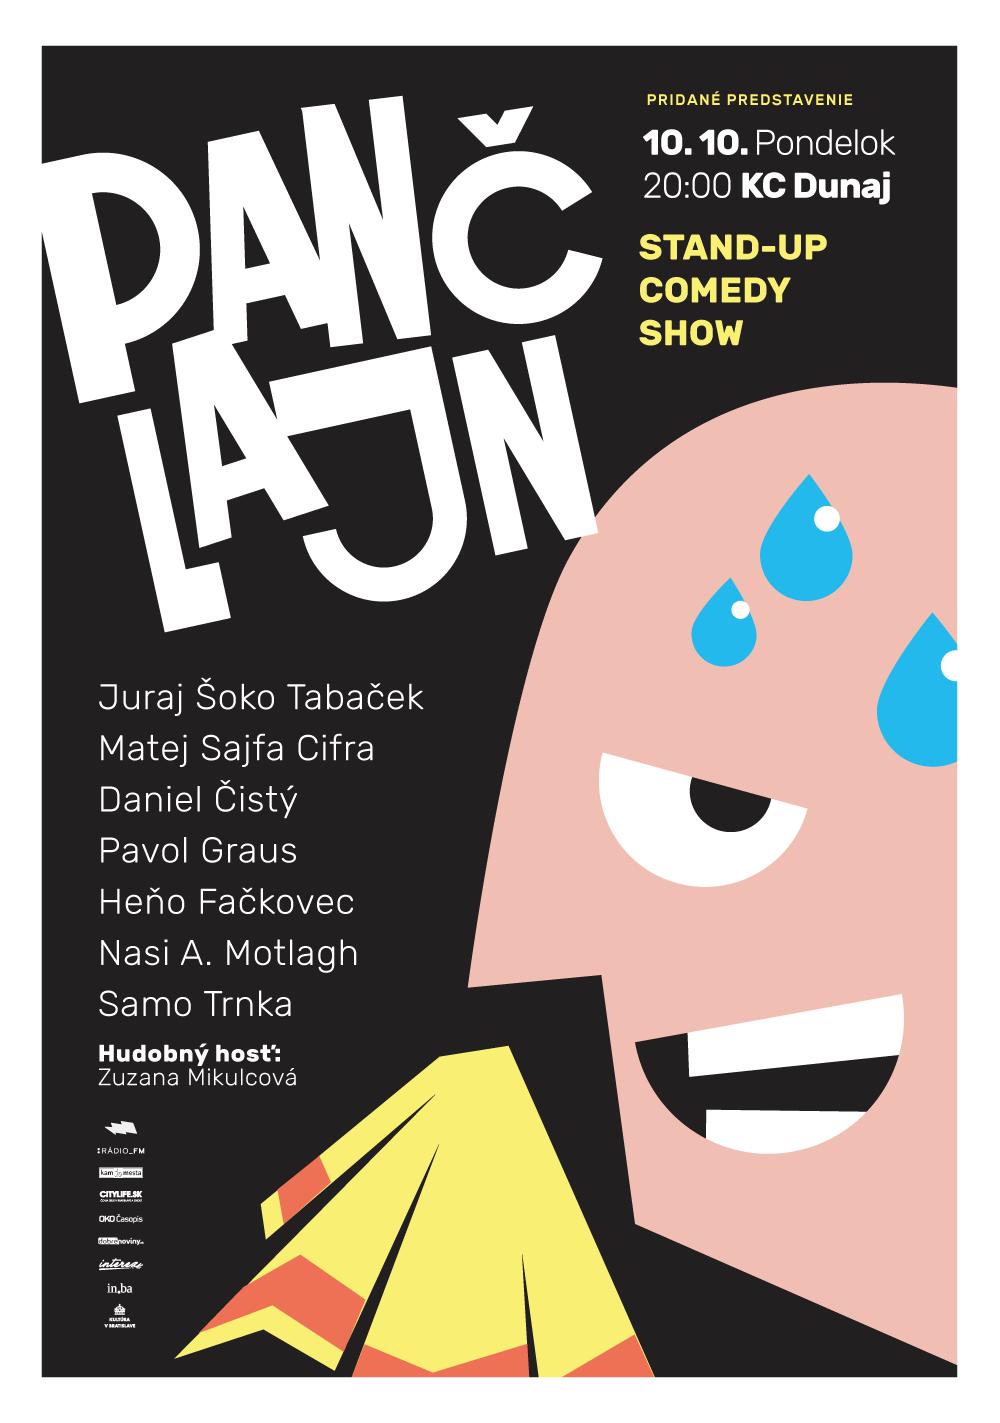 panc_10_10_poster